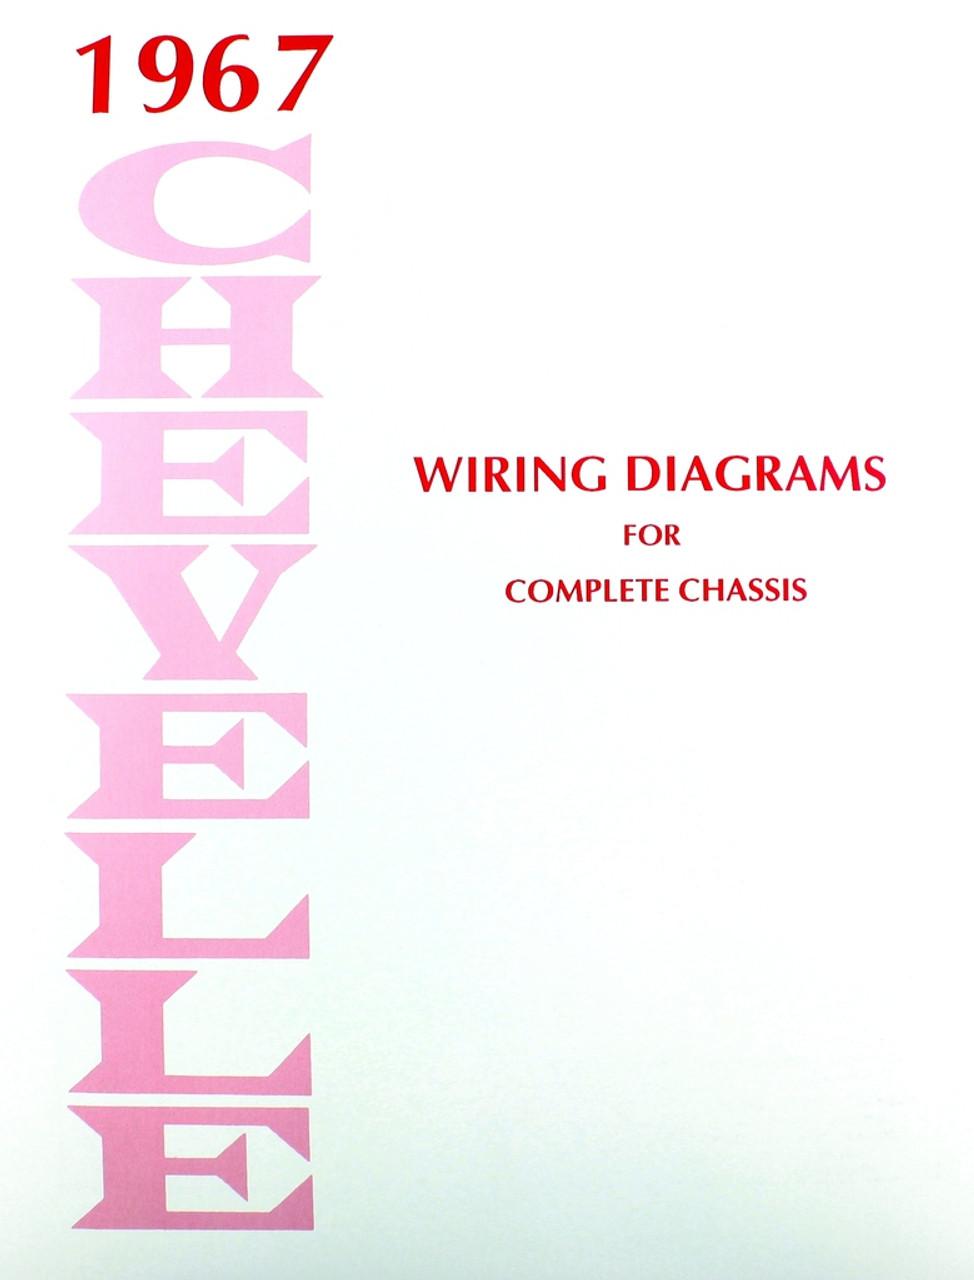 El Camino Wiring Schematic Diagrams 1968 Diagram 1967 Circuit Symbols U2022 Colors